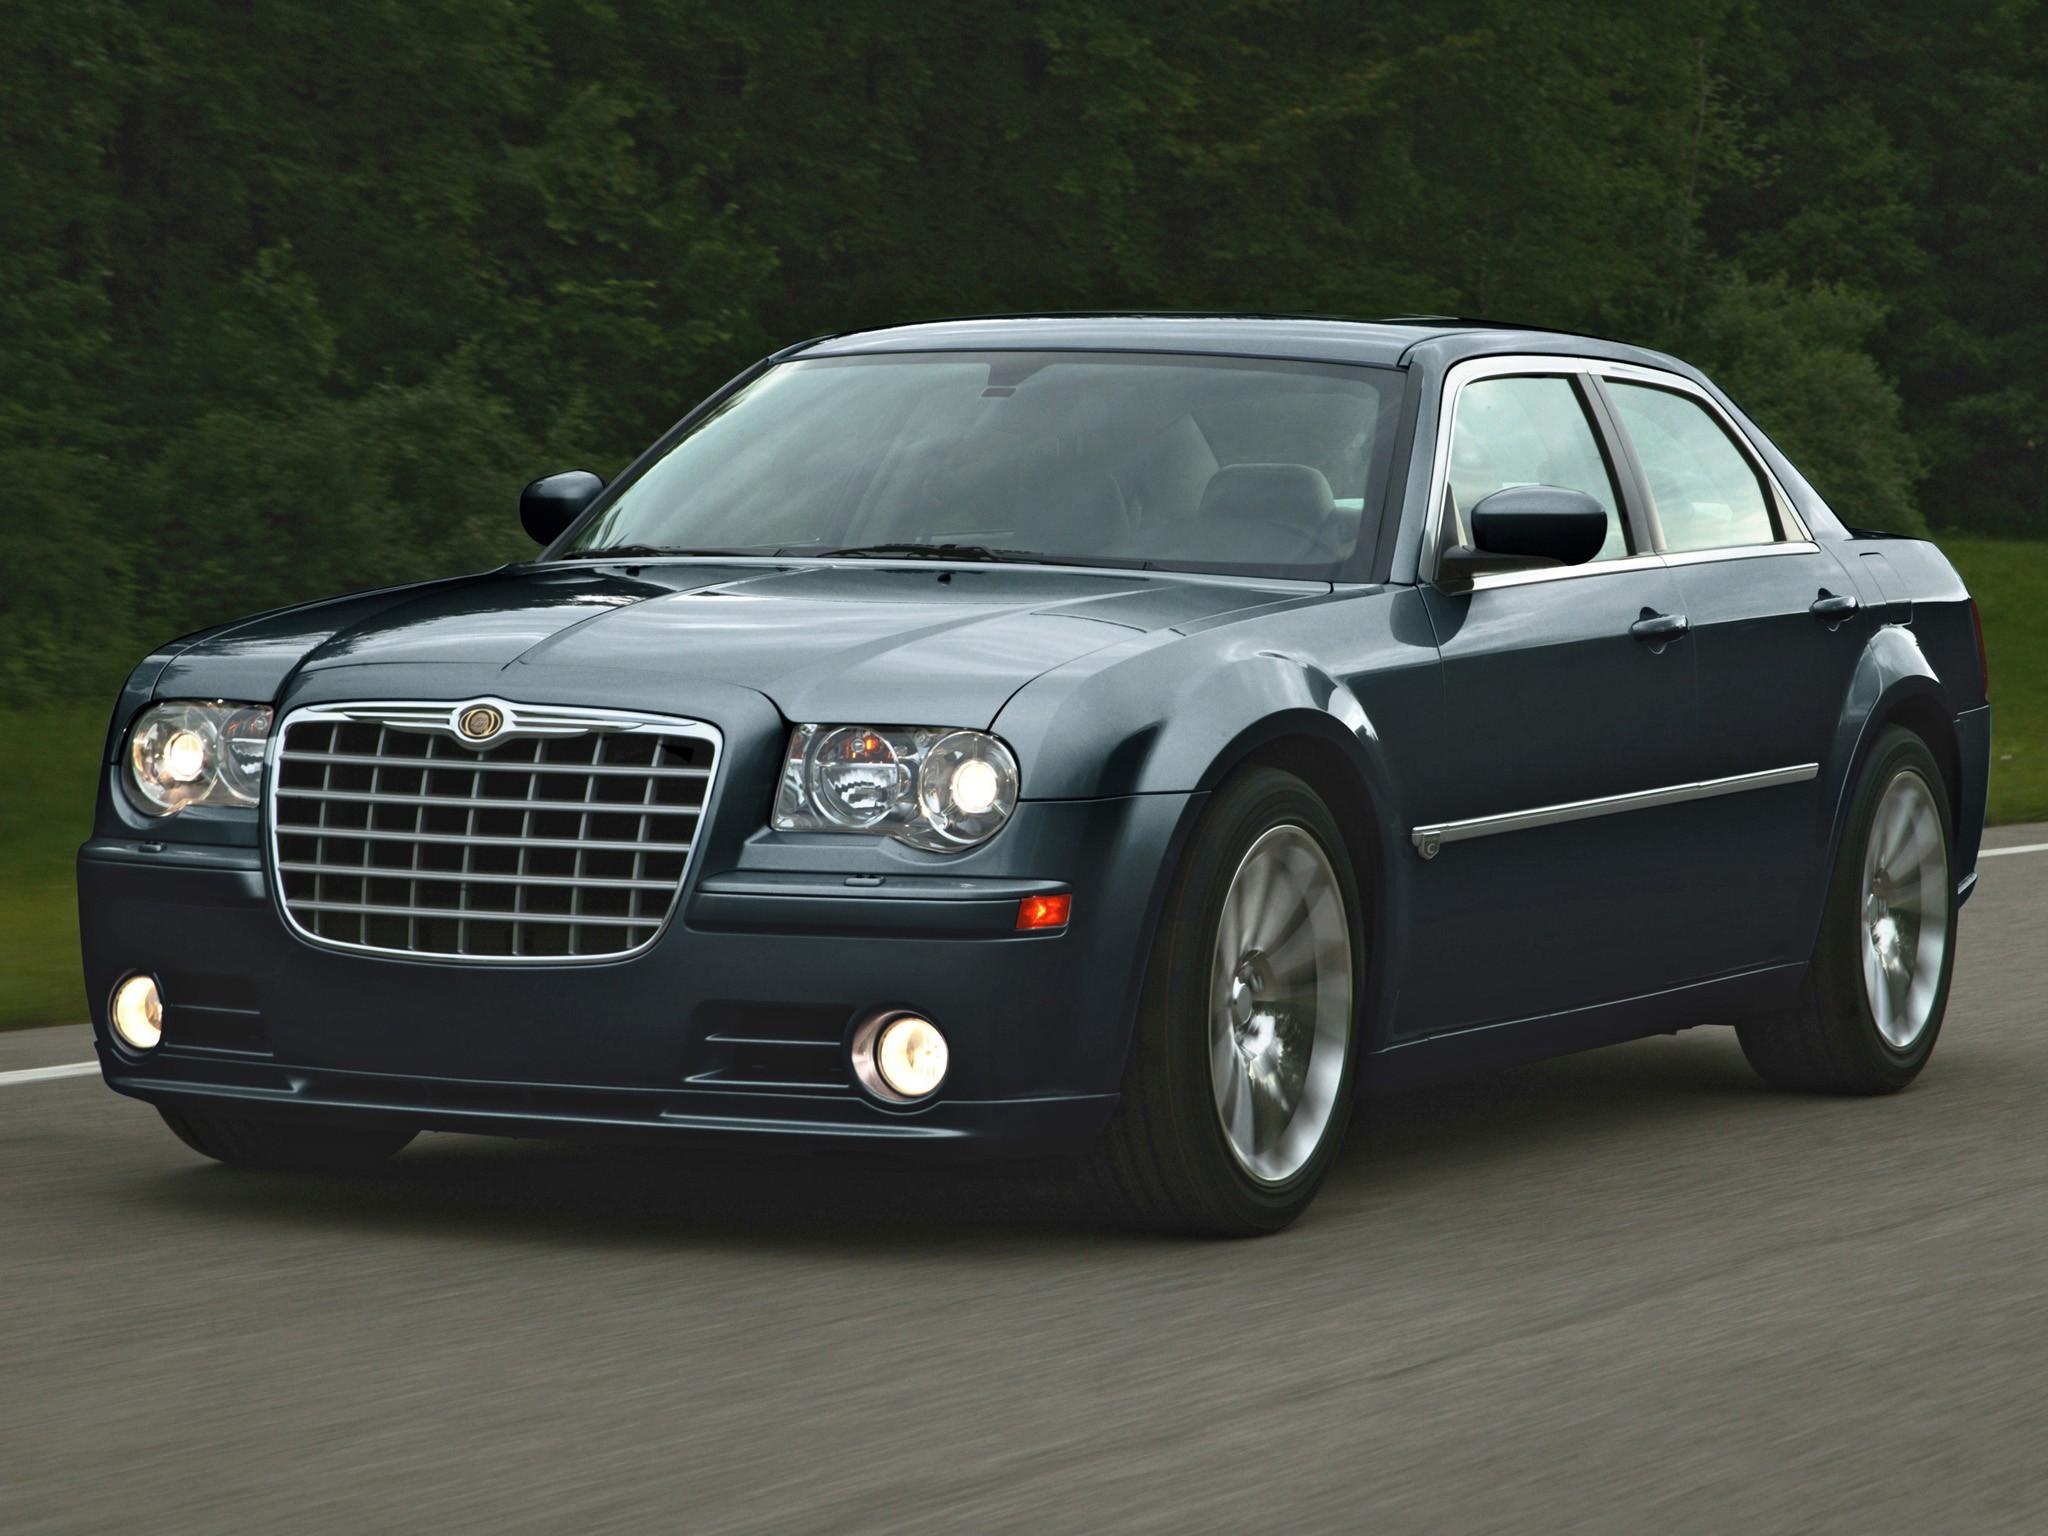 CHRYSLER 300C SRT8 - 2005, 2006, 2007, 2008, 2009, 2010 ...